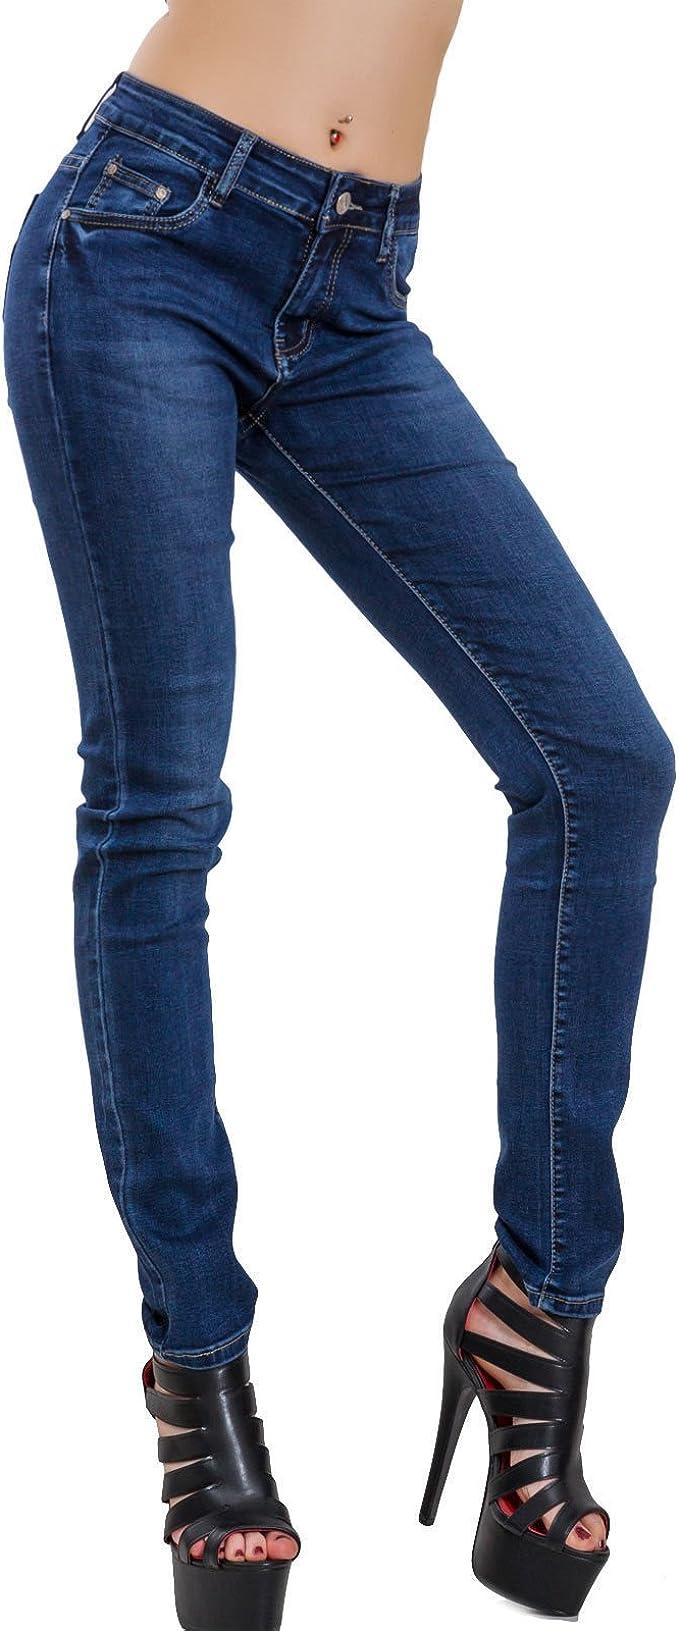 serrare Feudo Deliberato  Toocool - Jeans Donna Pantaloni Denim Slim Aderenti Scuri Curvy  Elasticizzati Sexy A1931: Amazon.it: Abbigliamento